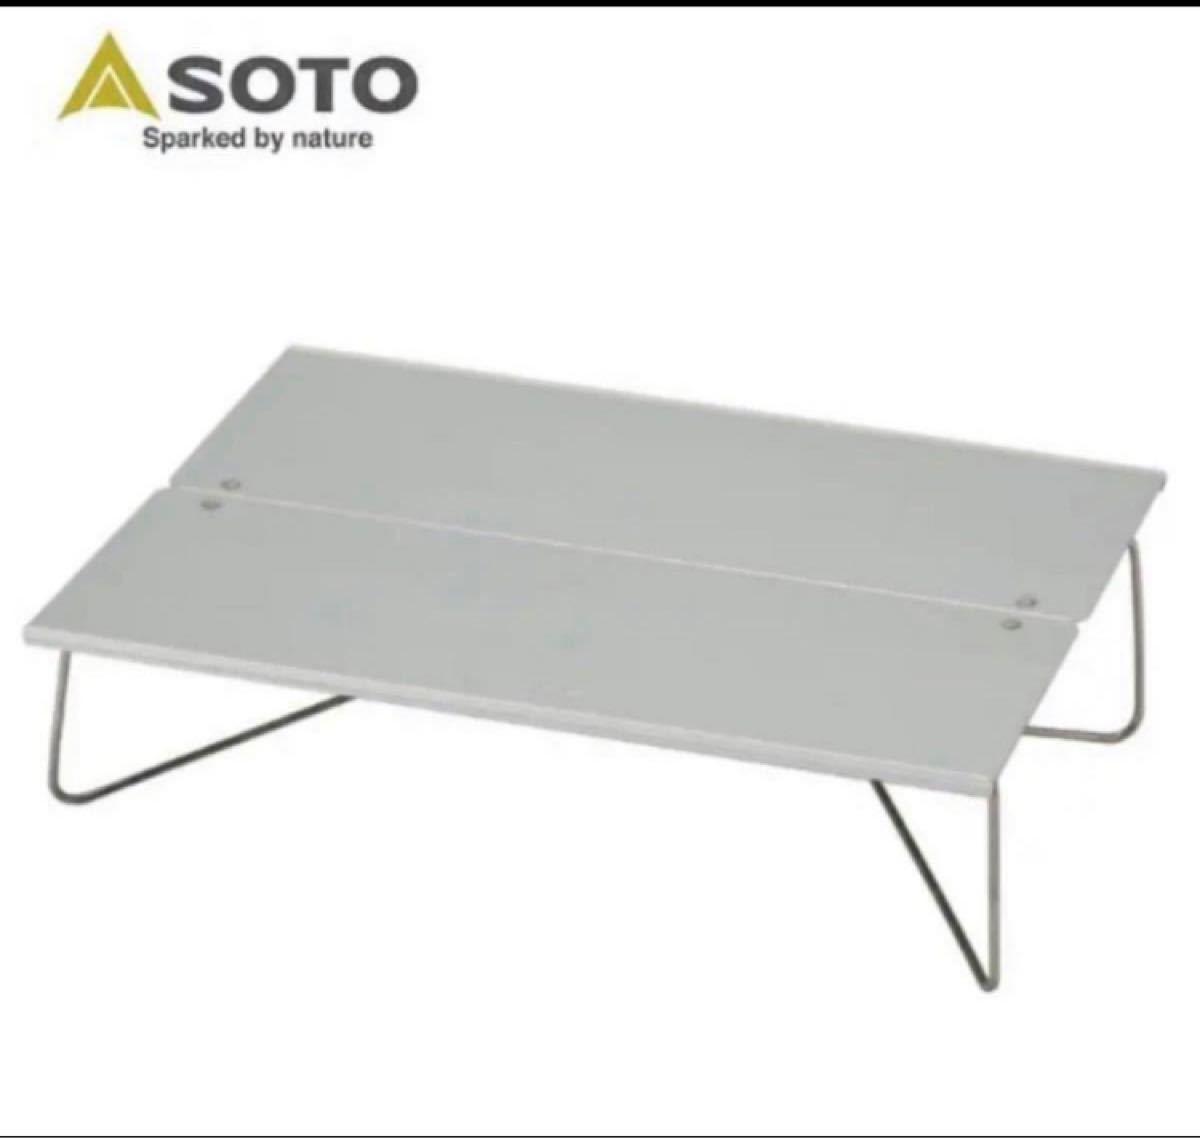 SOTO フィールドホッパー テーブル 折りたたみテーブル アウトドア用品 ソロキャンプ